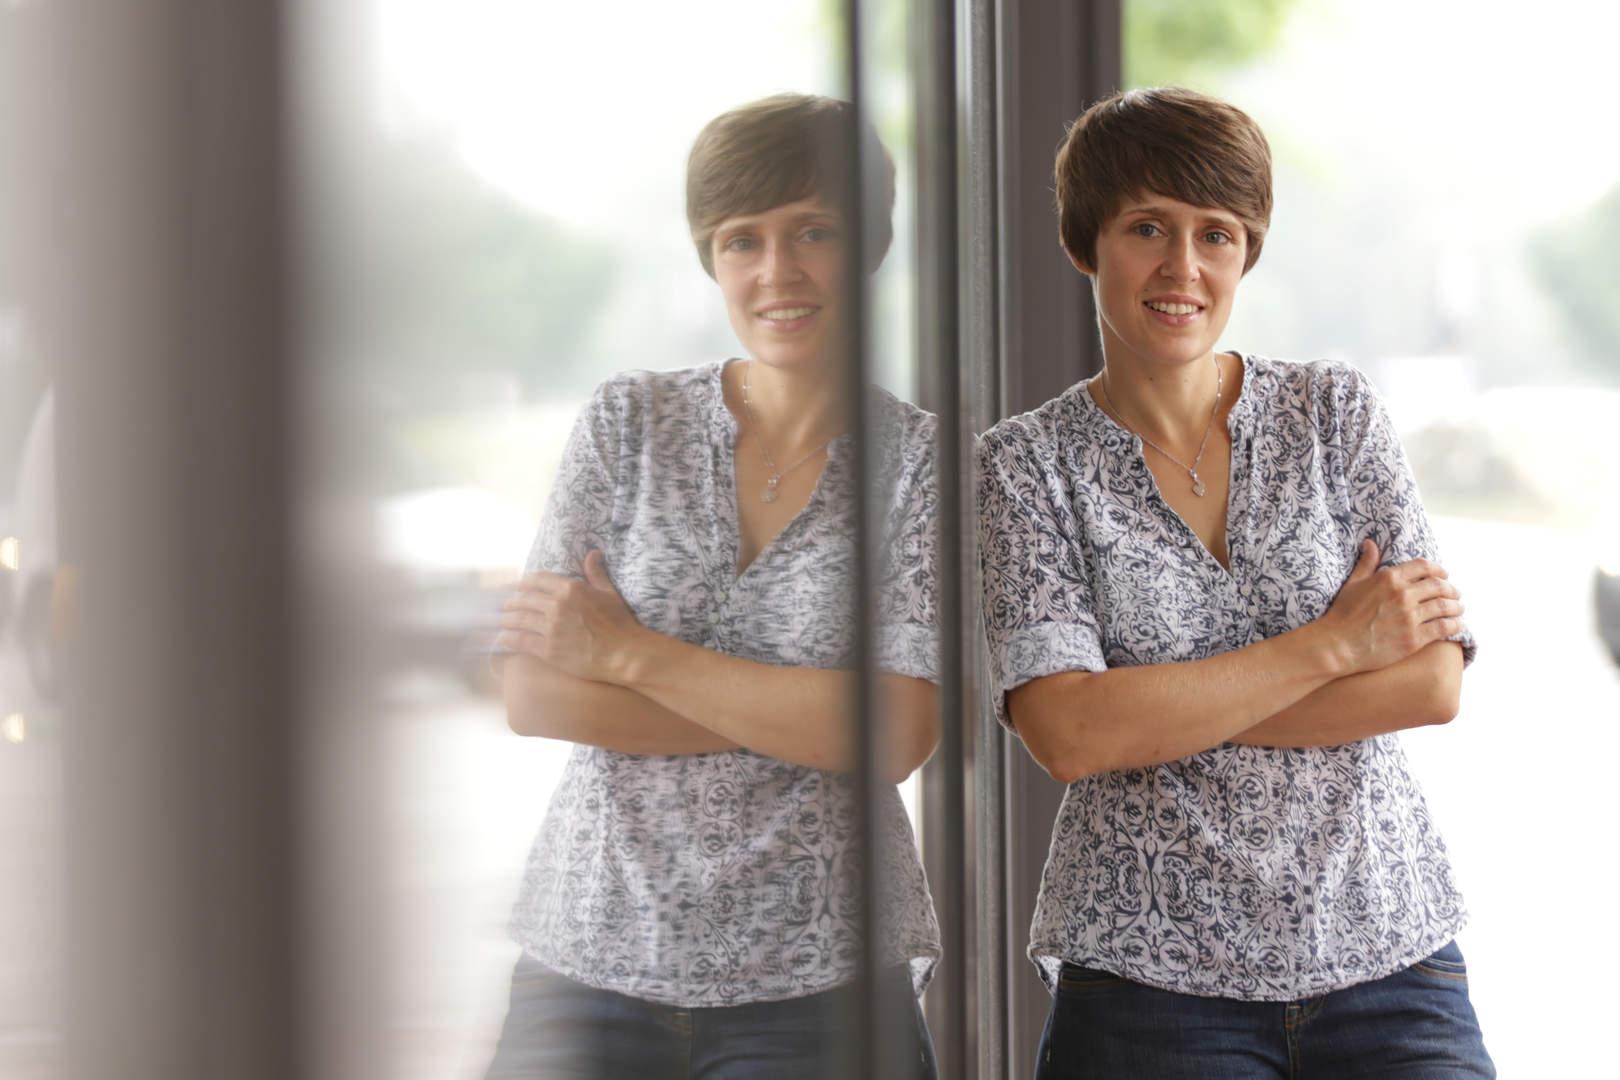 Maria Leipold: Texterin, Kommunikationsexpertin und Wegweiserin mit Erfahrung und Leidenschaft